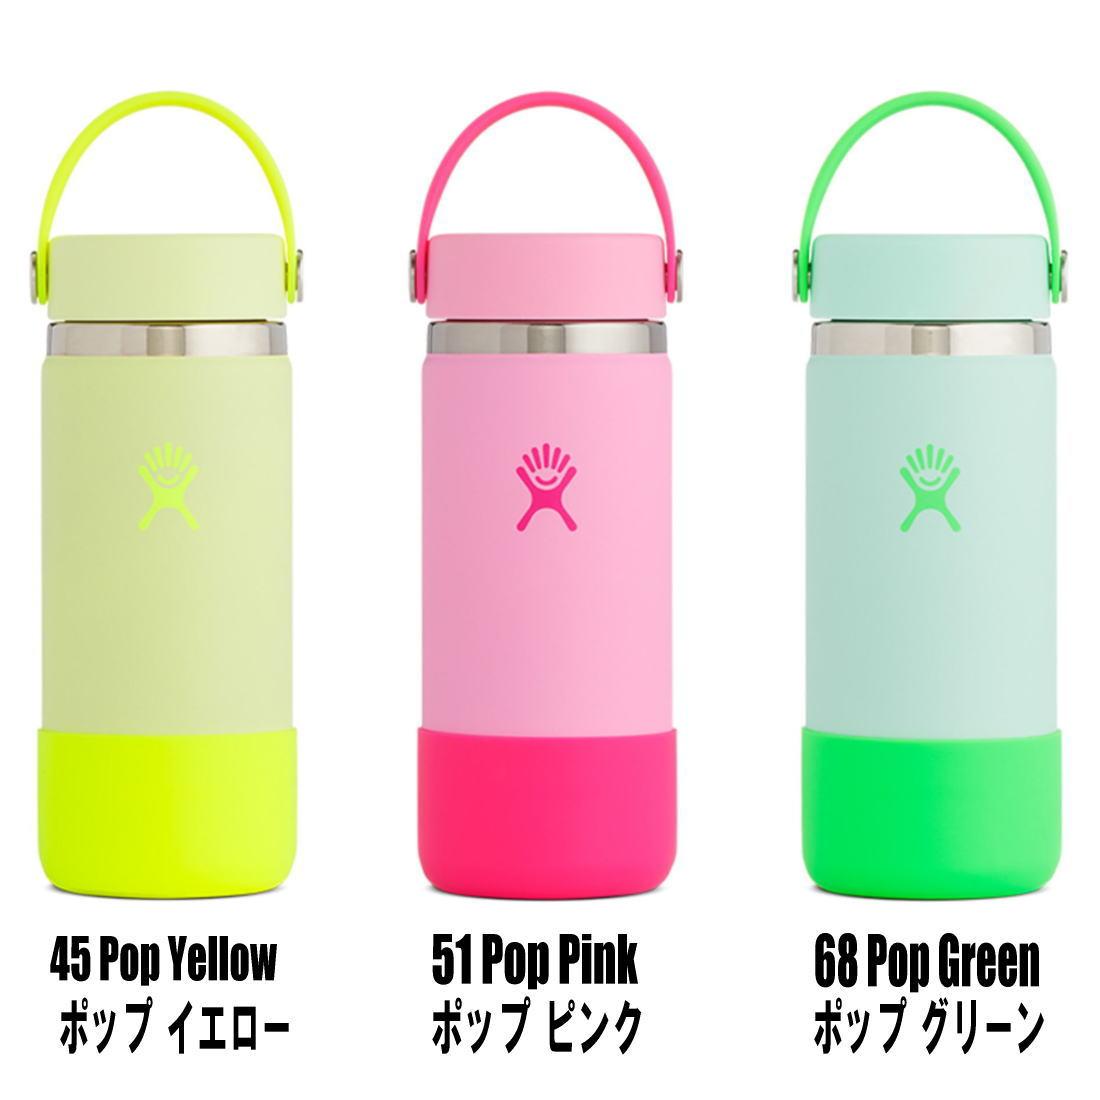 ハイドロフラスク ワイドマウス16oz プリズムポップ 保温 保冷 ボトル 水筒  国内正規品